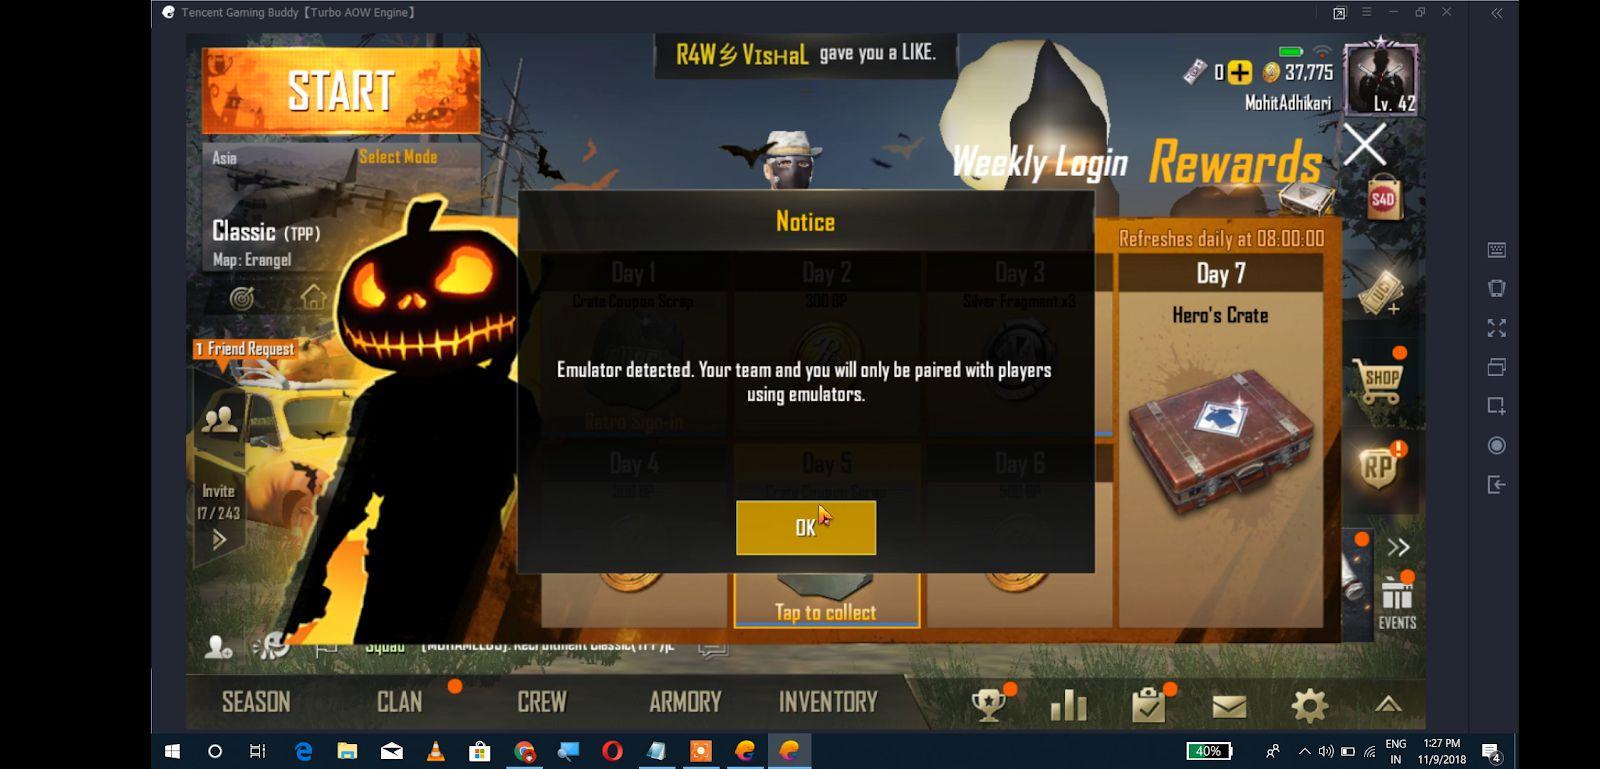 Pubg Emulator Update Problem